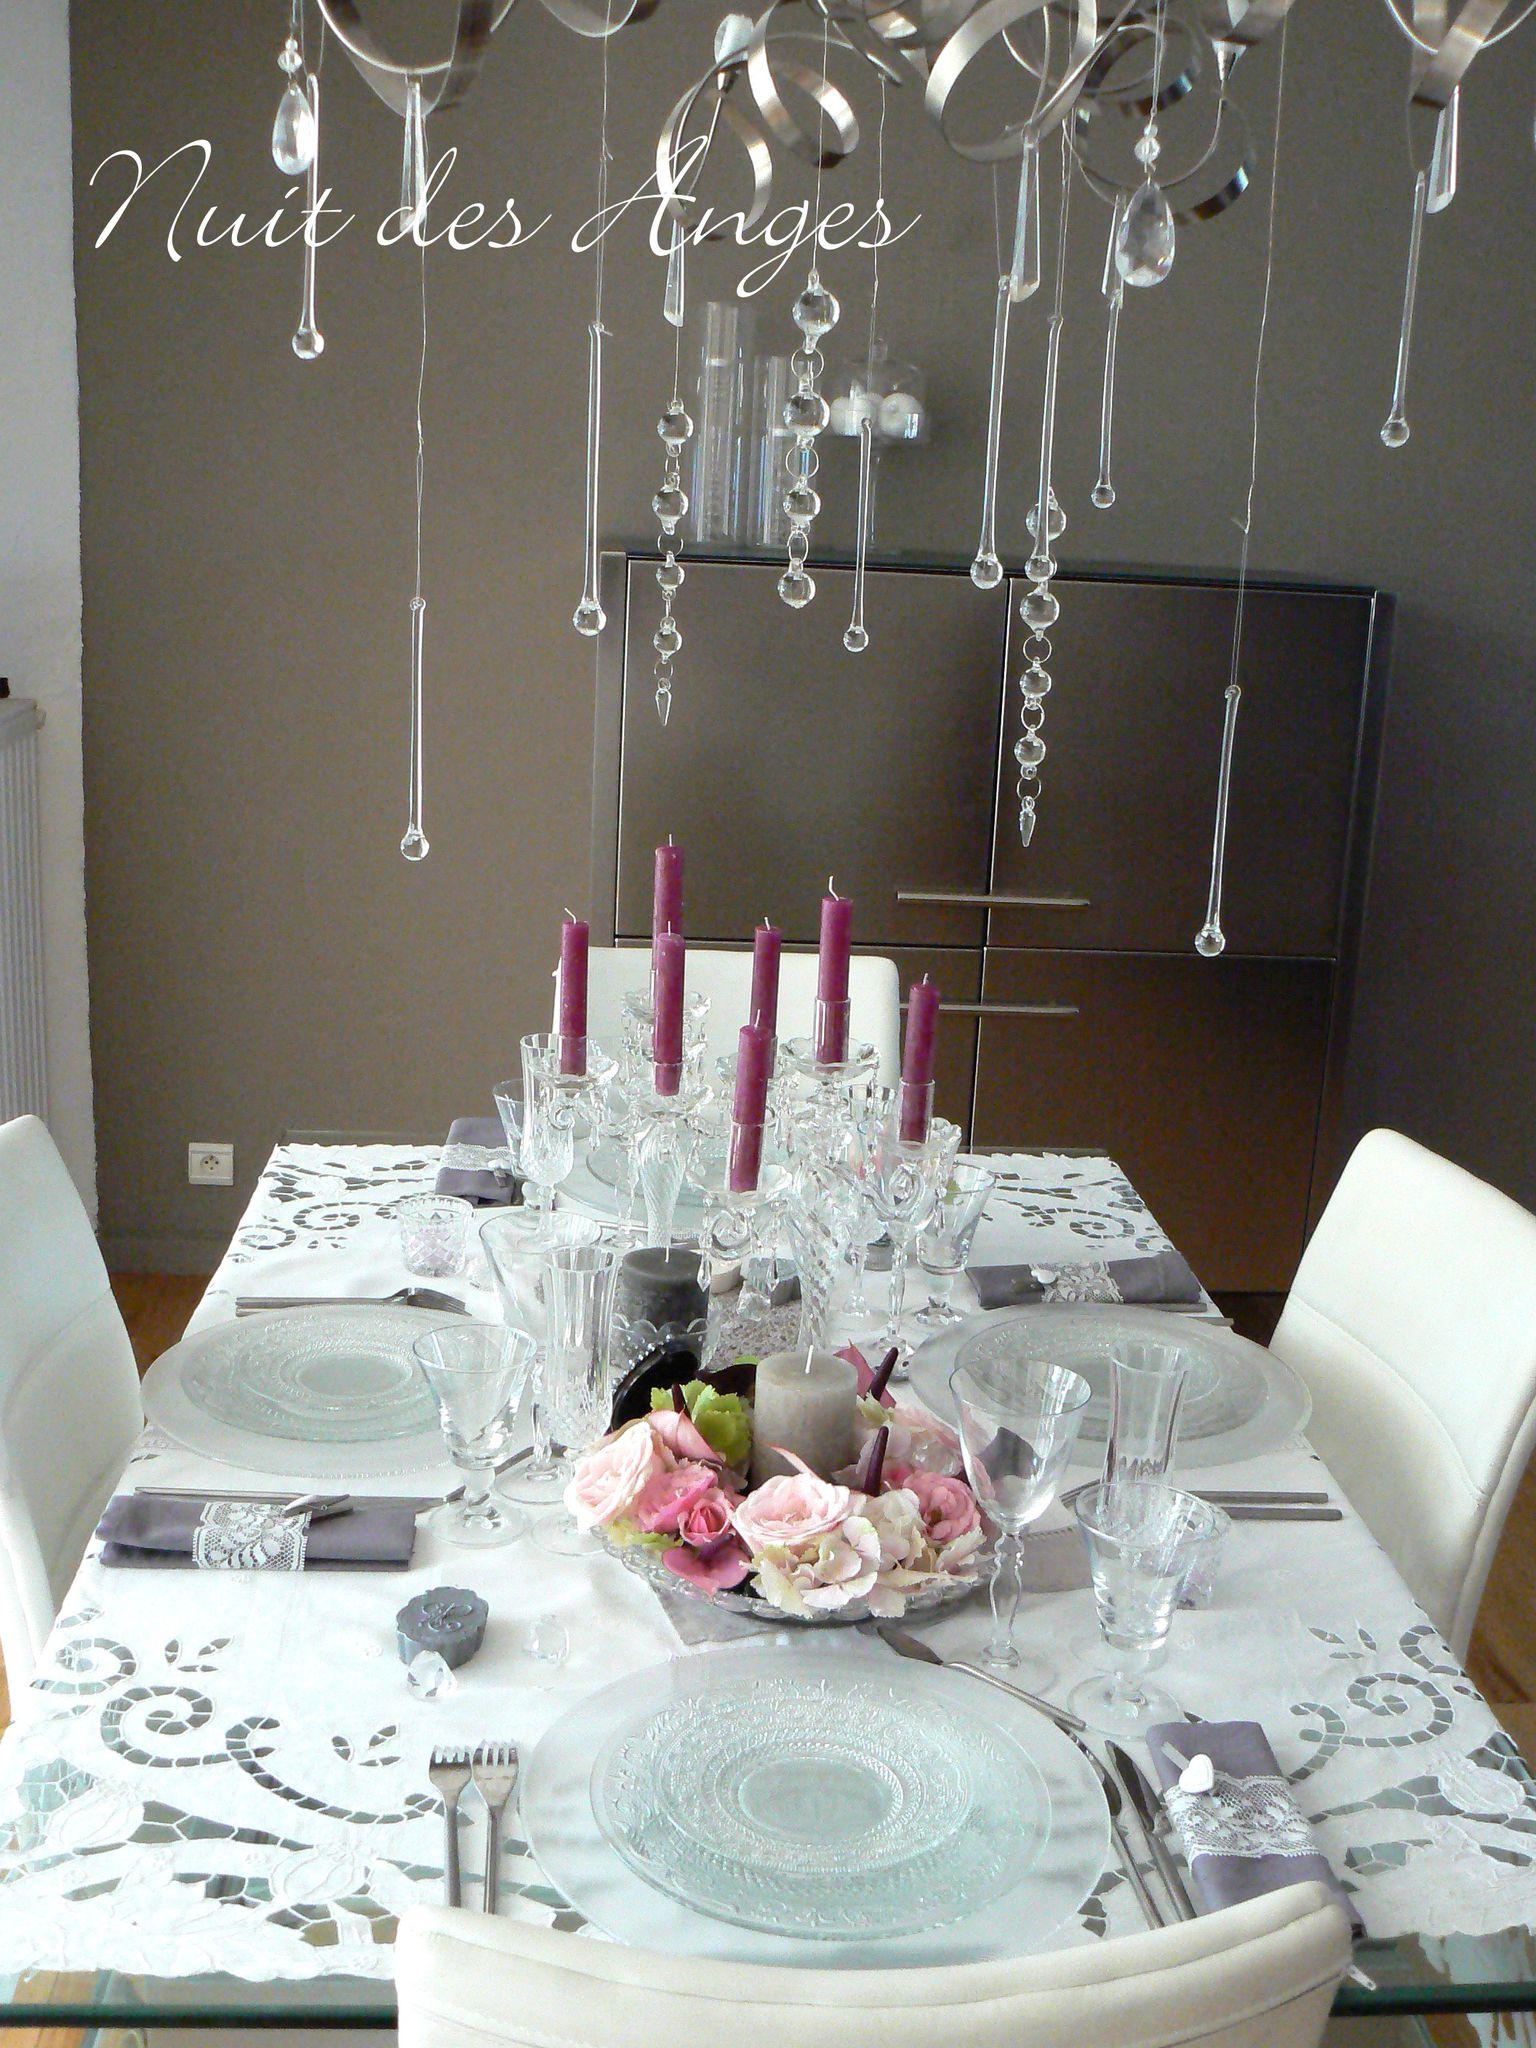 Nuit des anges décoratrice de mariage décoration de table féérique ...